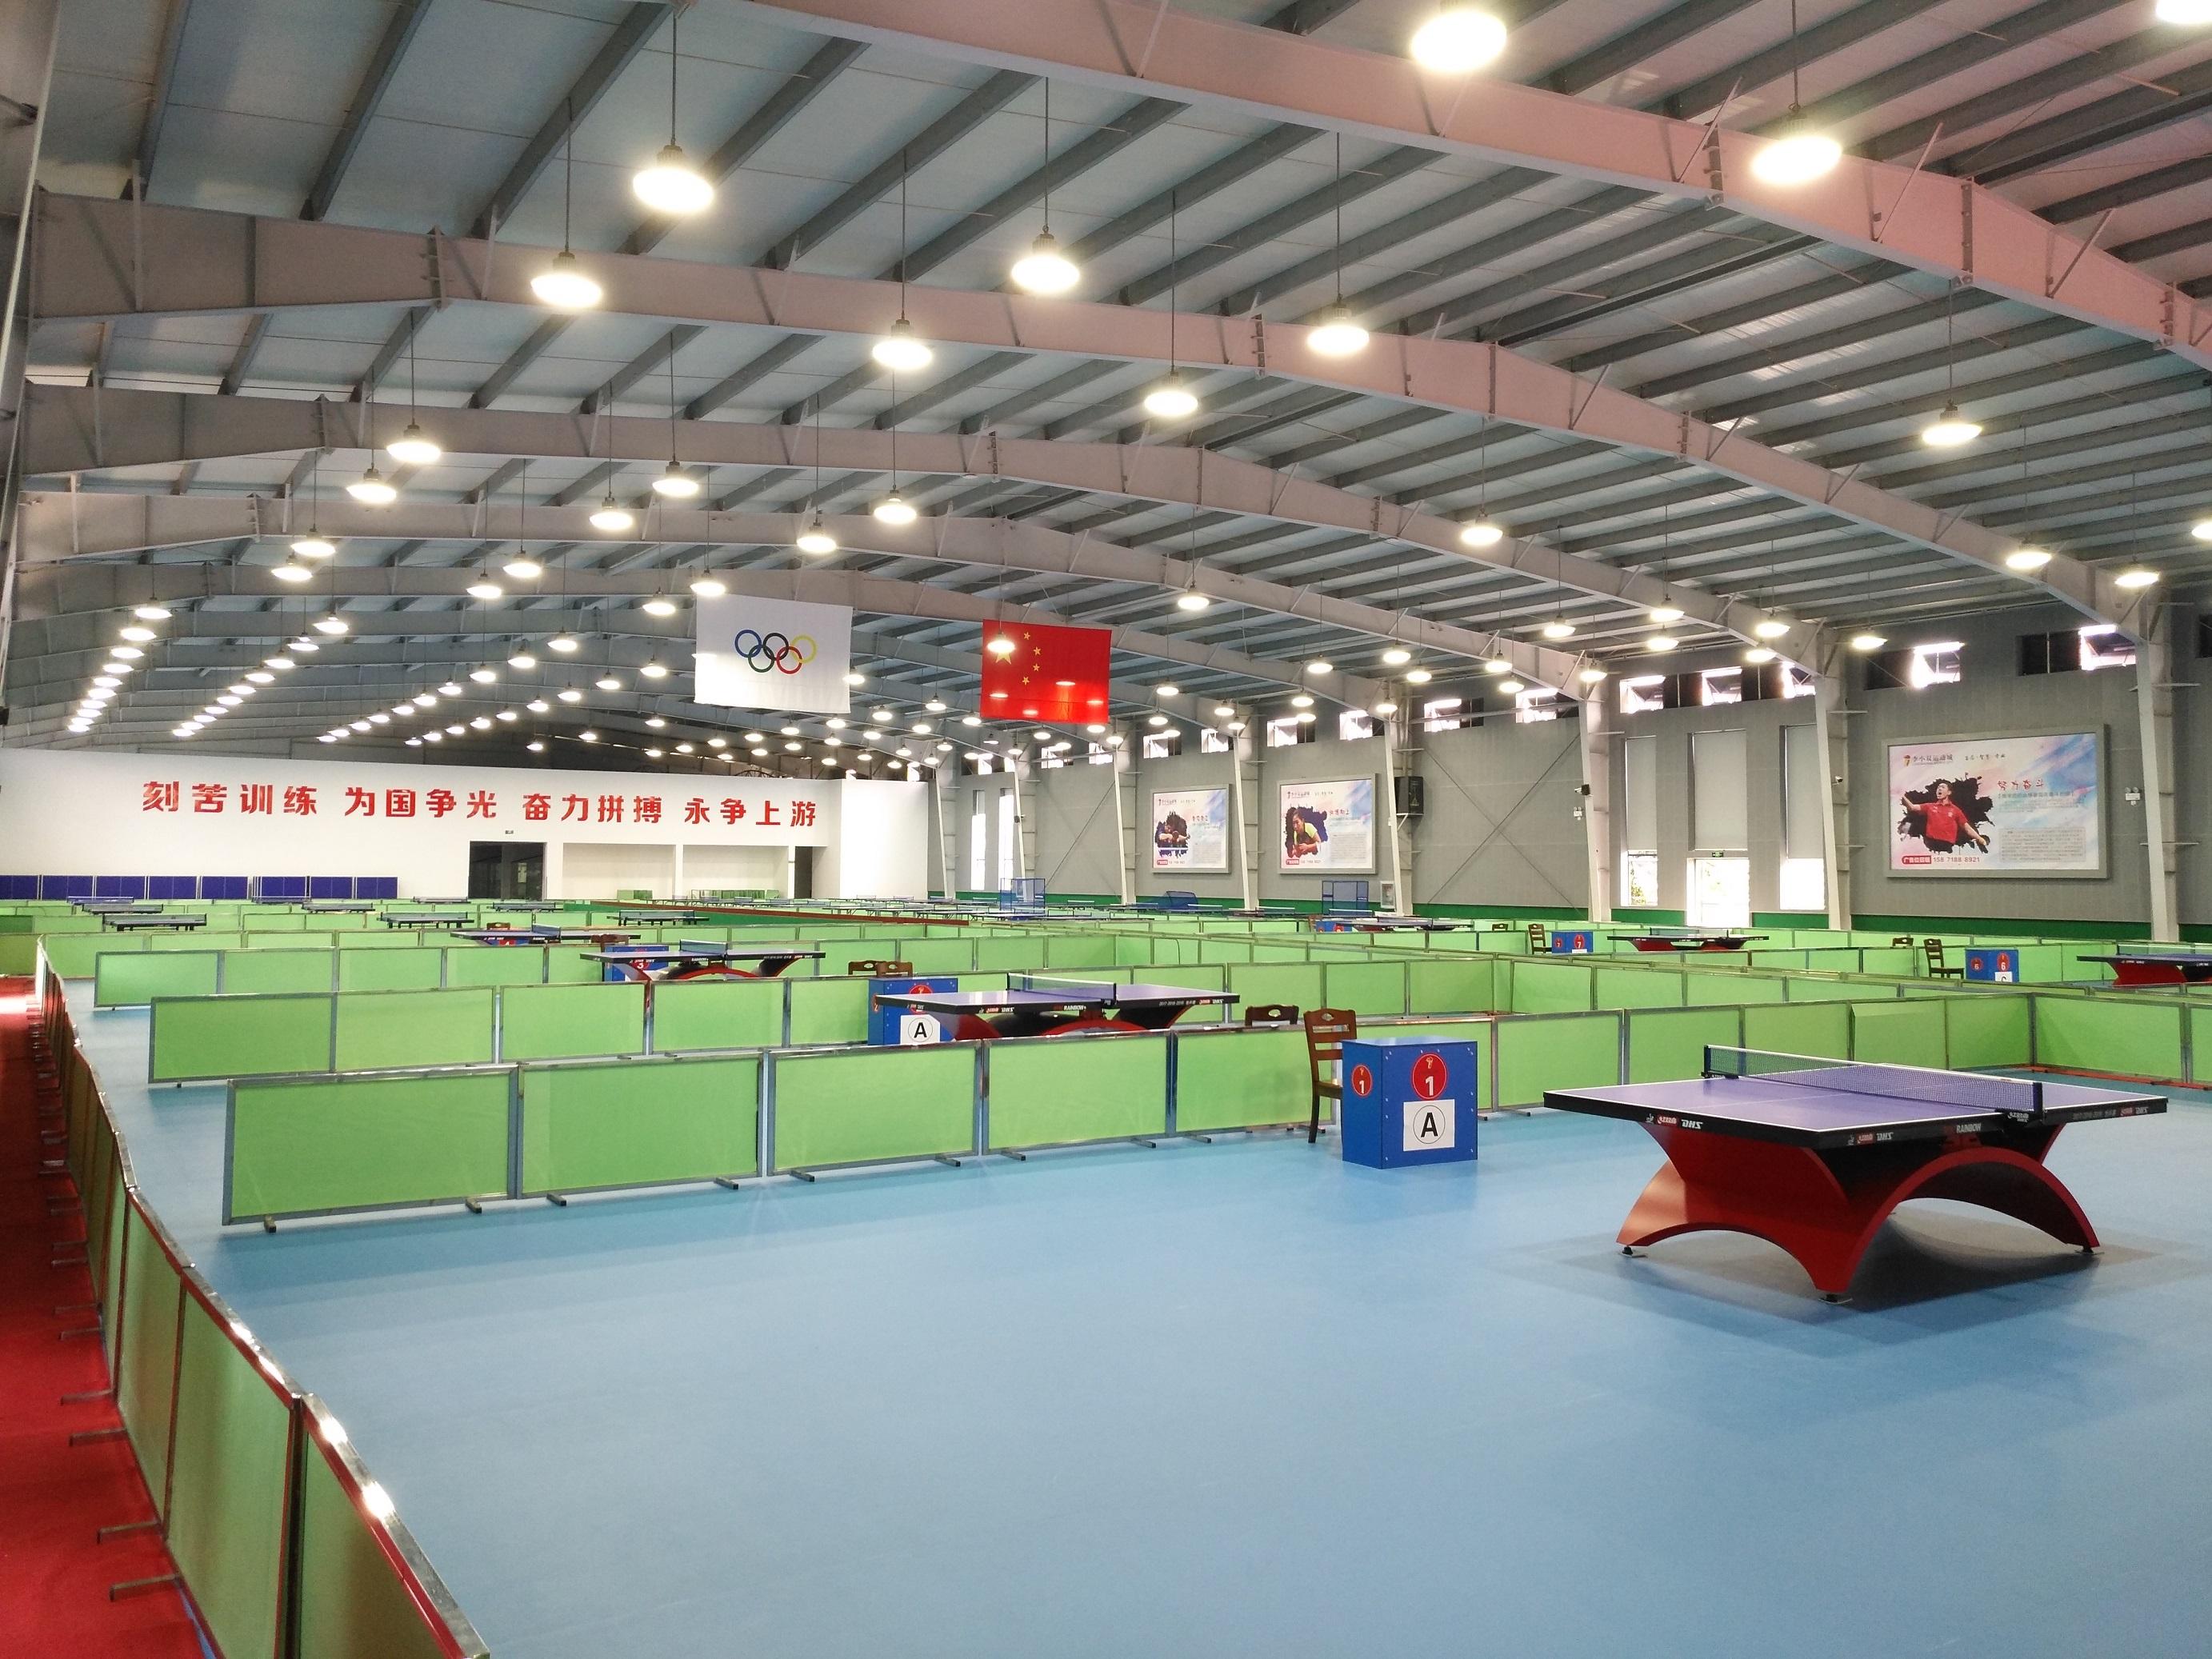 国际乒联公布世界杯参赛名单!LED乒乓球场照明的优势到底在哪?